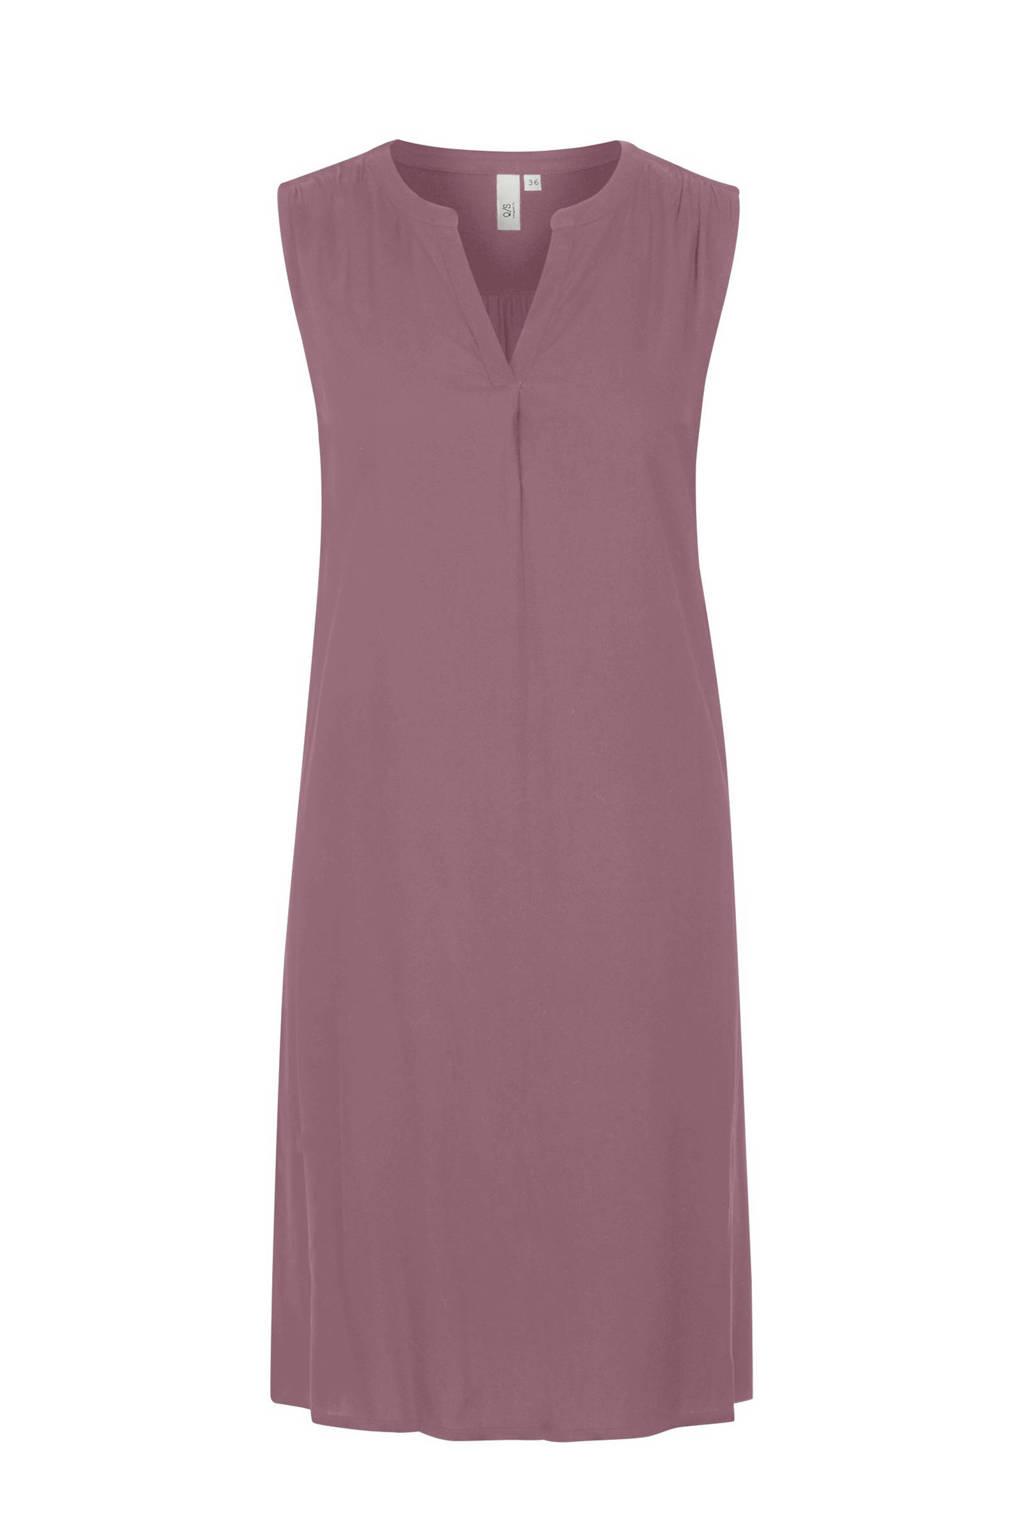 Q/S designed by jersey jurk met plooien oudroze, Oudroze